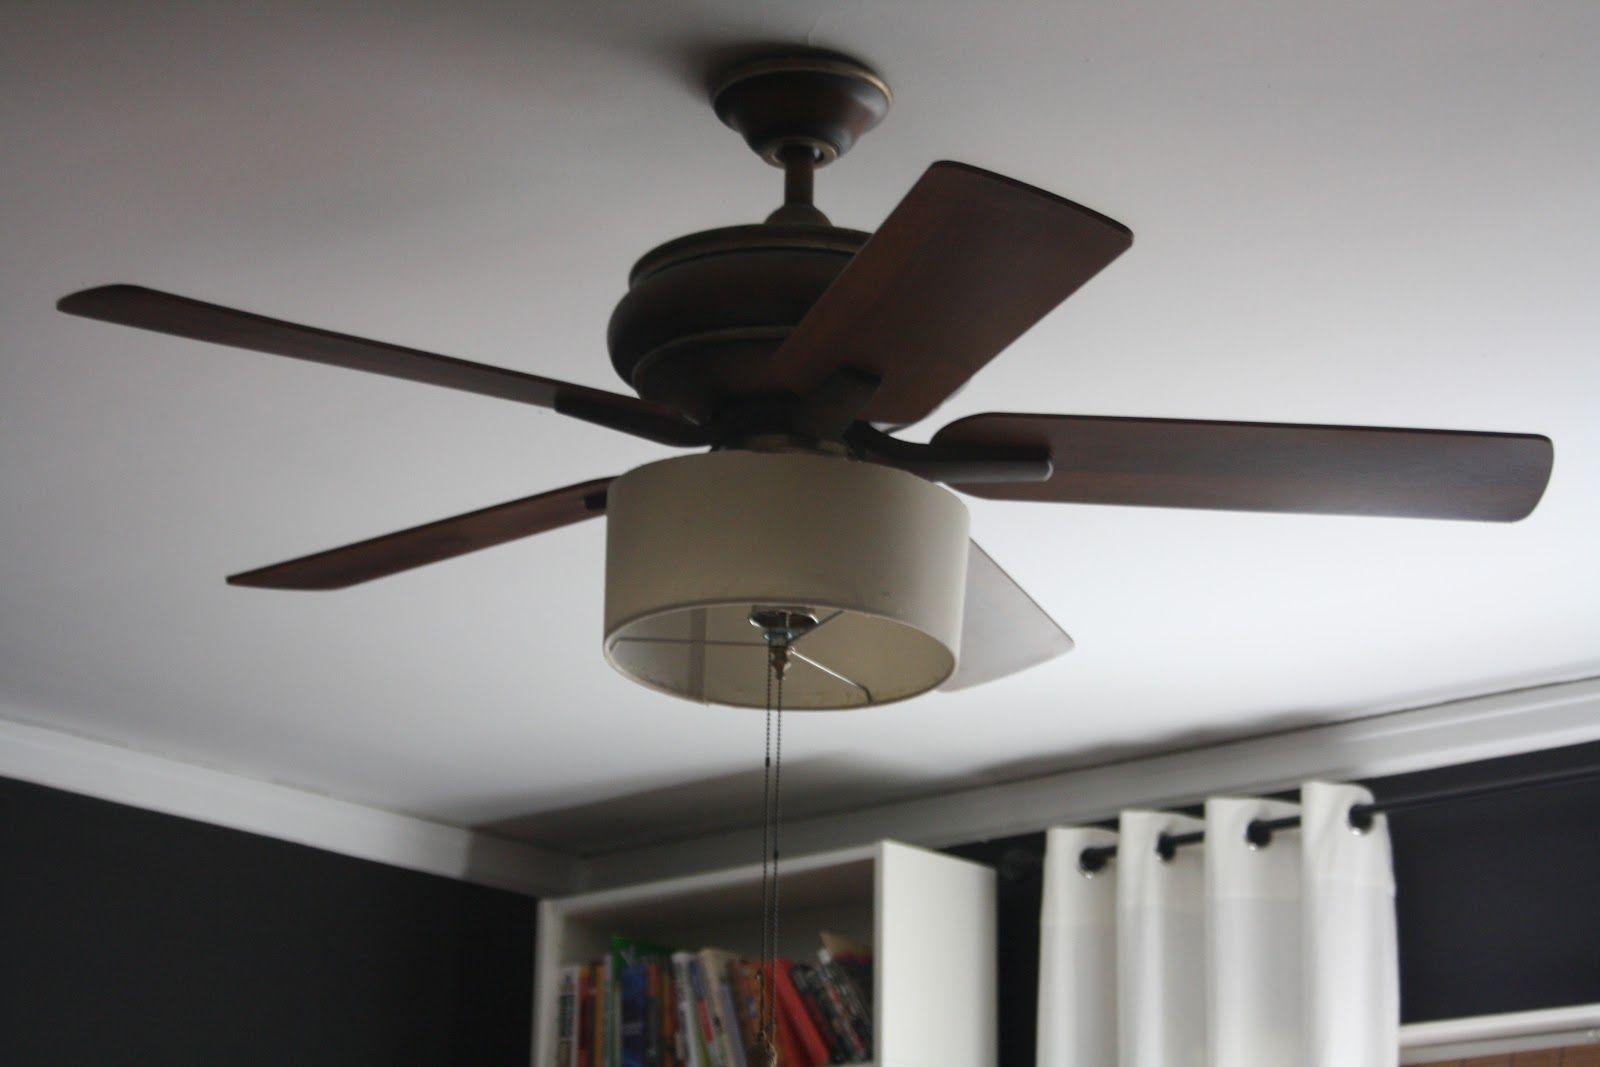 1 Fan Ceiling Fan Makeover Diy Drum Shade Ceiling Fan Diy